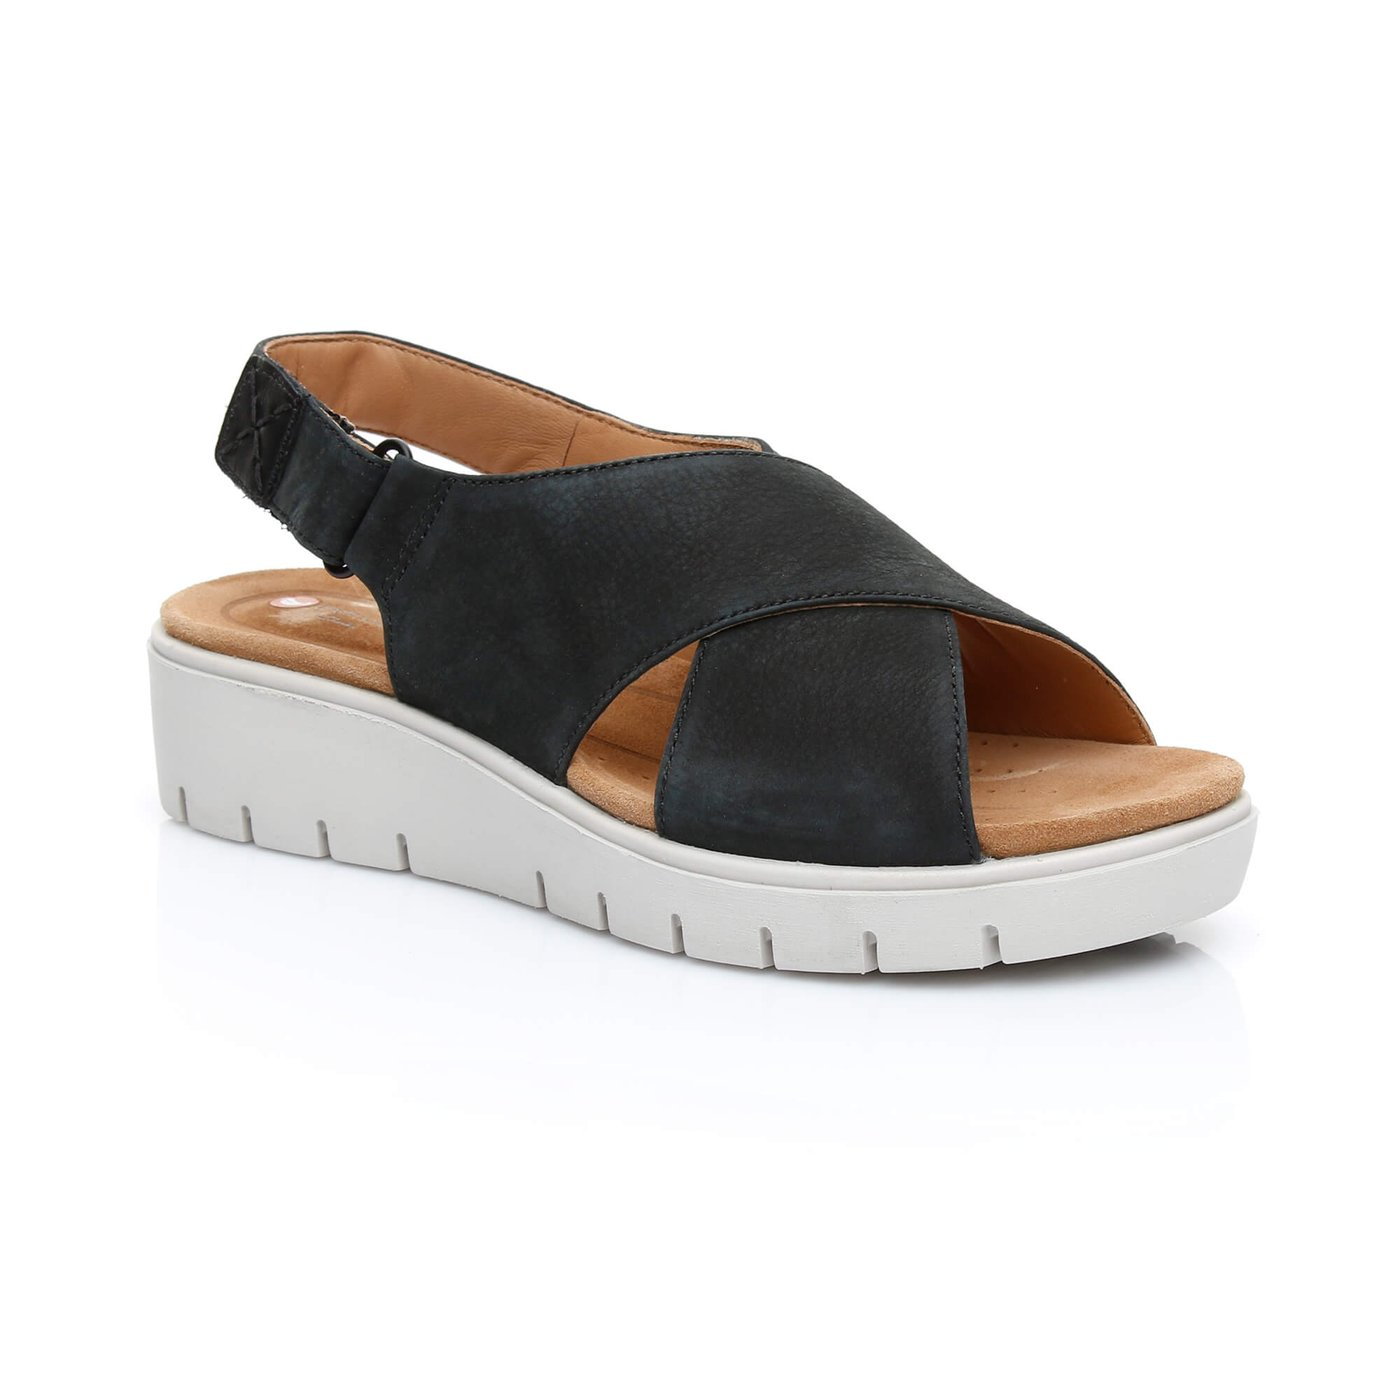 Clarks Un Karely Hail Kadın Siyah Sandalet